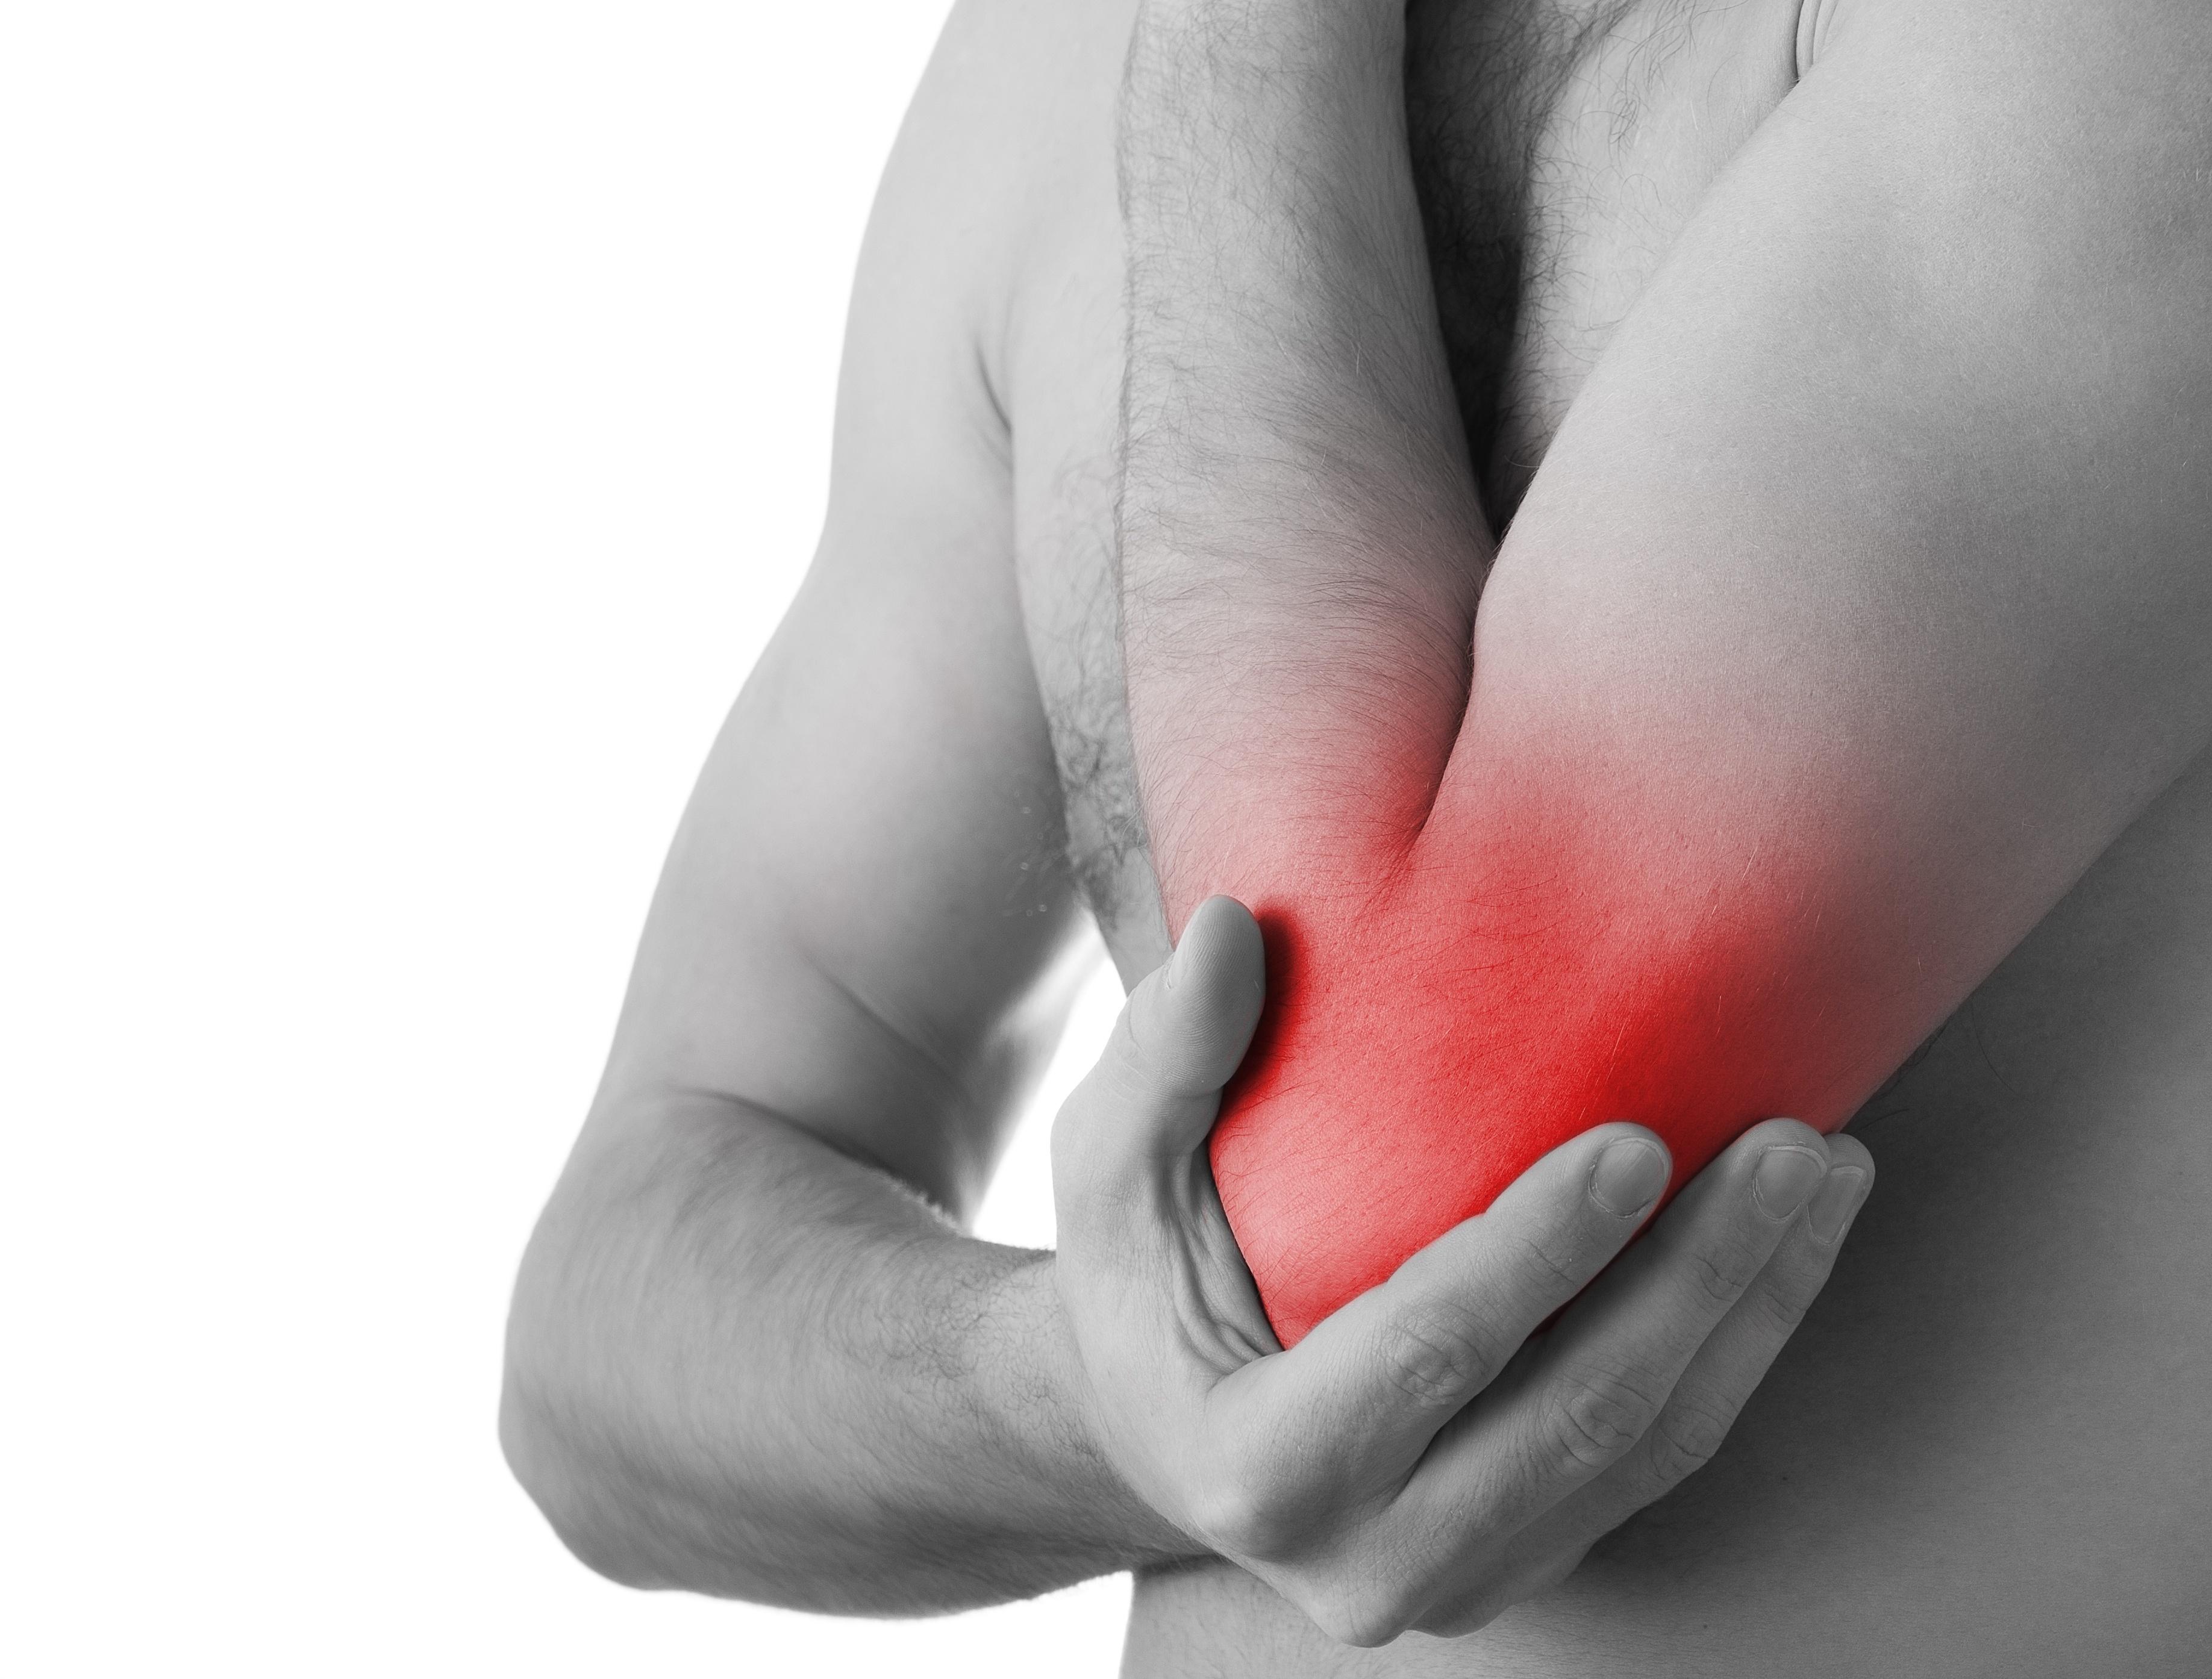 hogyan lehet gyógyítani a könyökízület sérülését szubtalaris ízületi ízületi kezelés